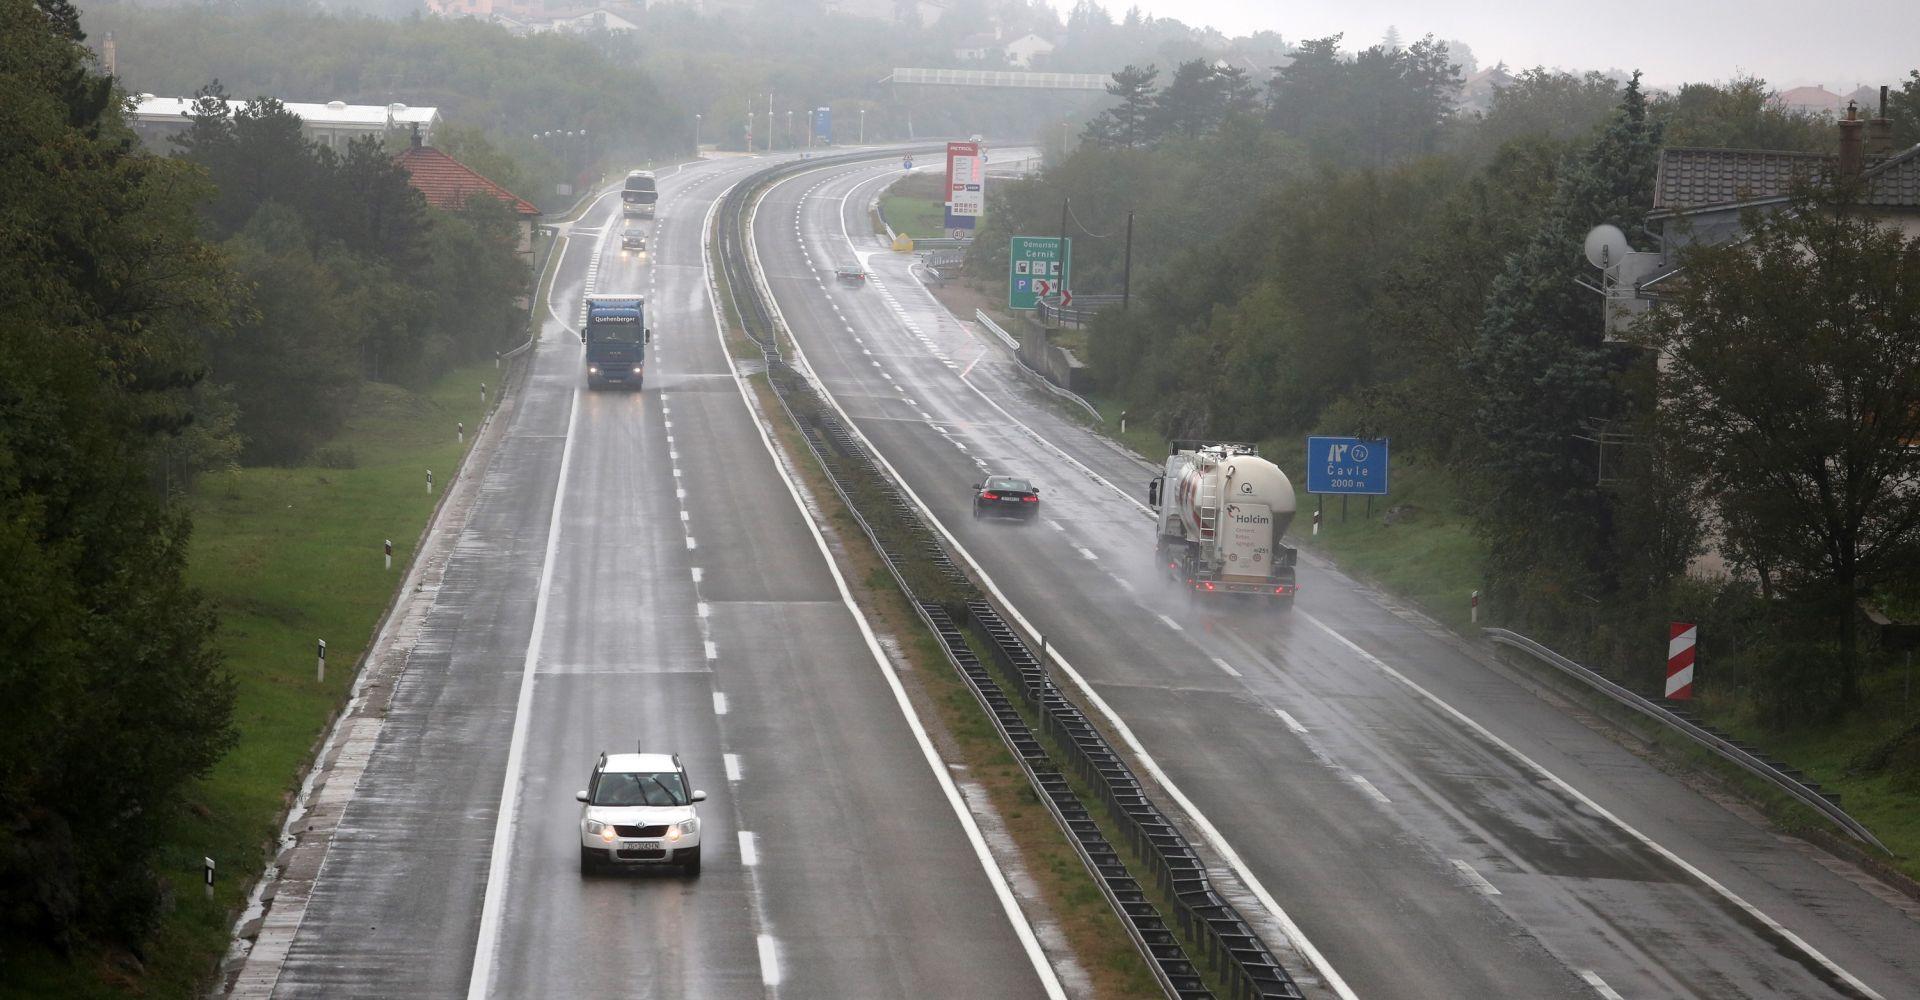 HAK Kiša i mokri kolnici usporavaju promet